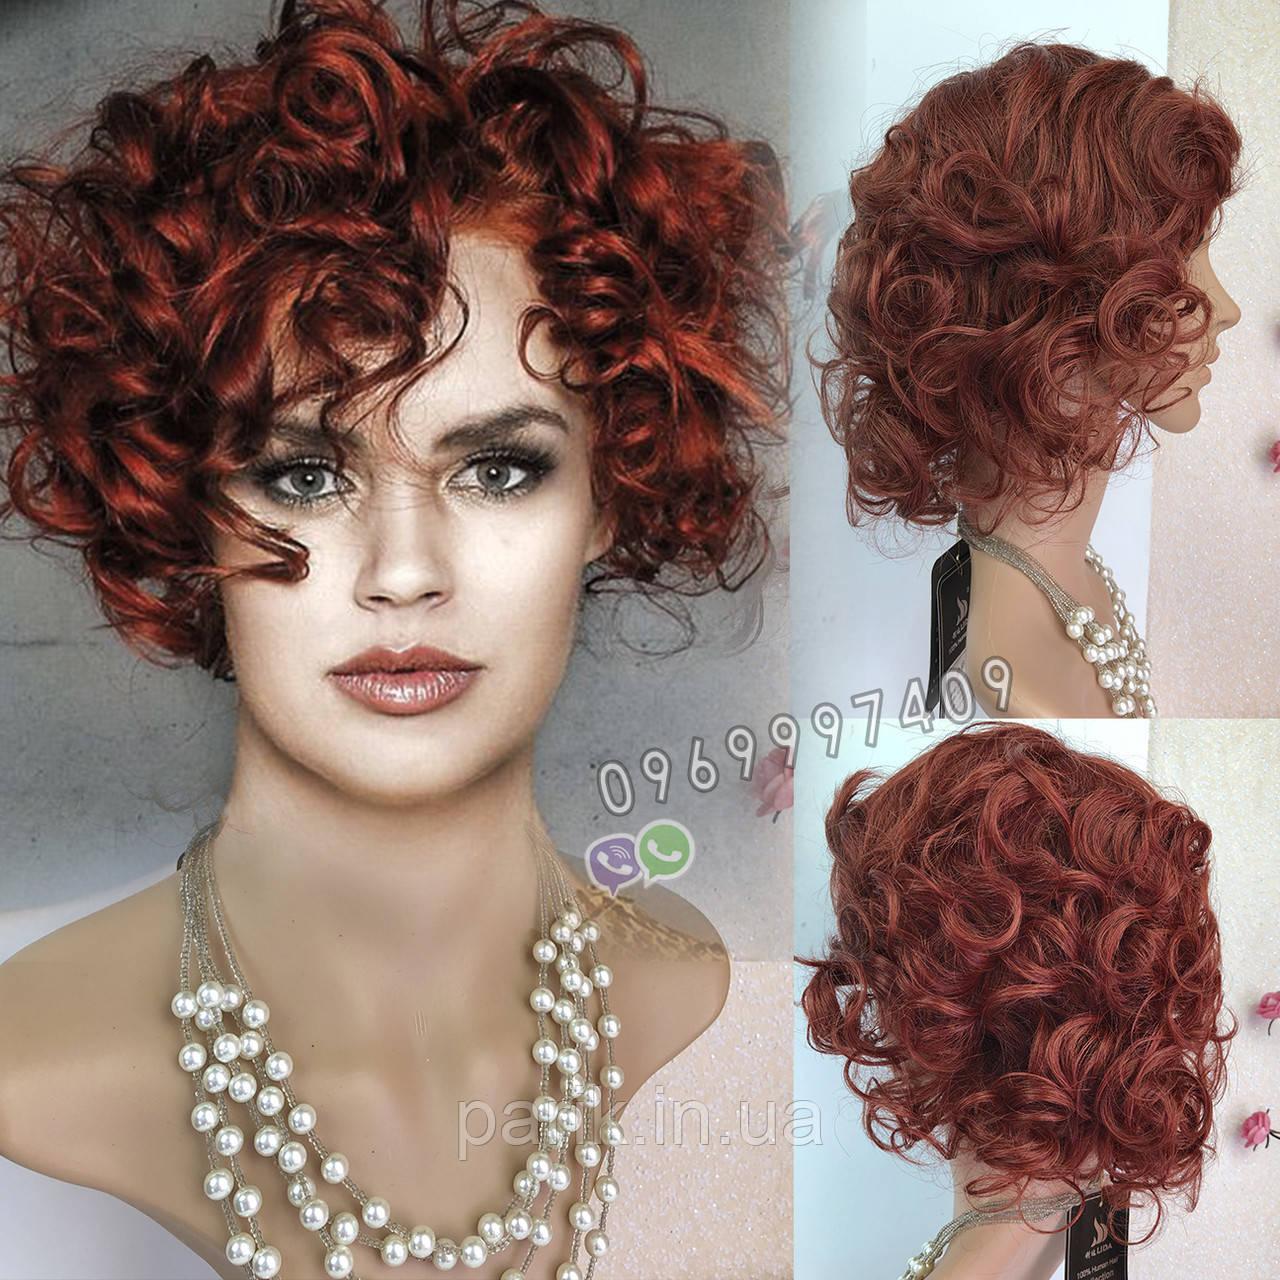 🧡 Натуральный парик из кучерявых натуральных волос, бестия 🧡